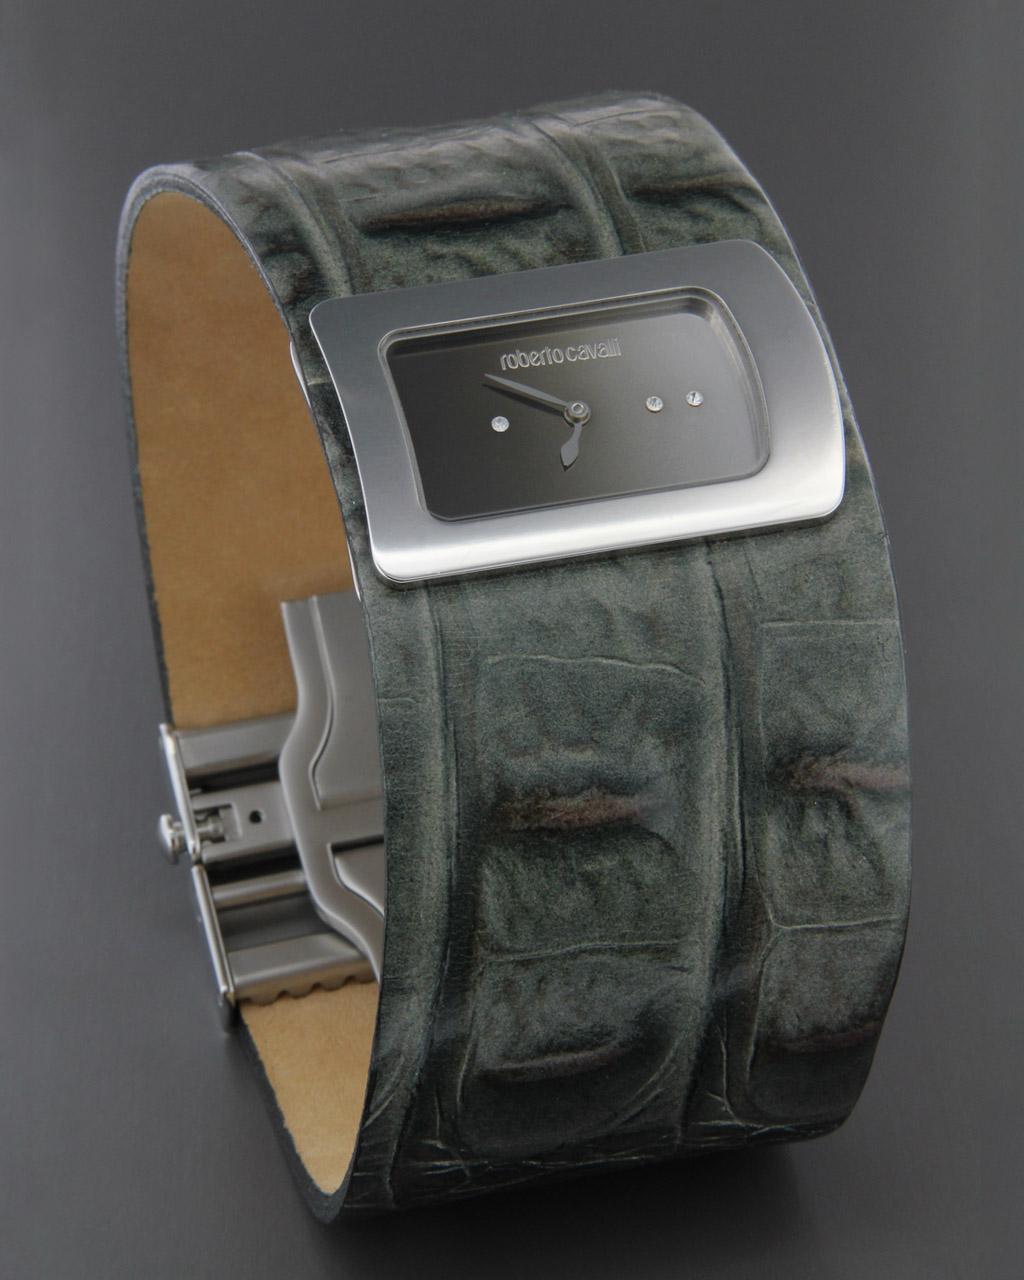 Ρολόι ROBERTO CAVALLI 7251104525   brands roberto cavalli